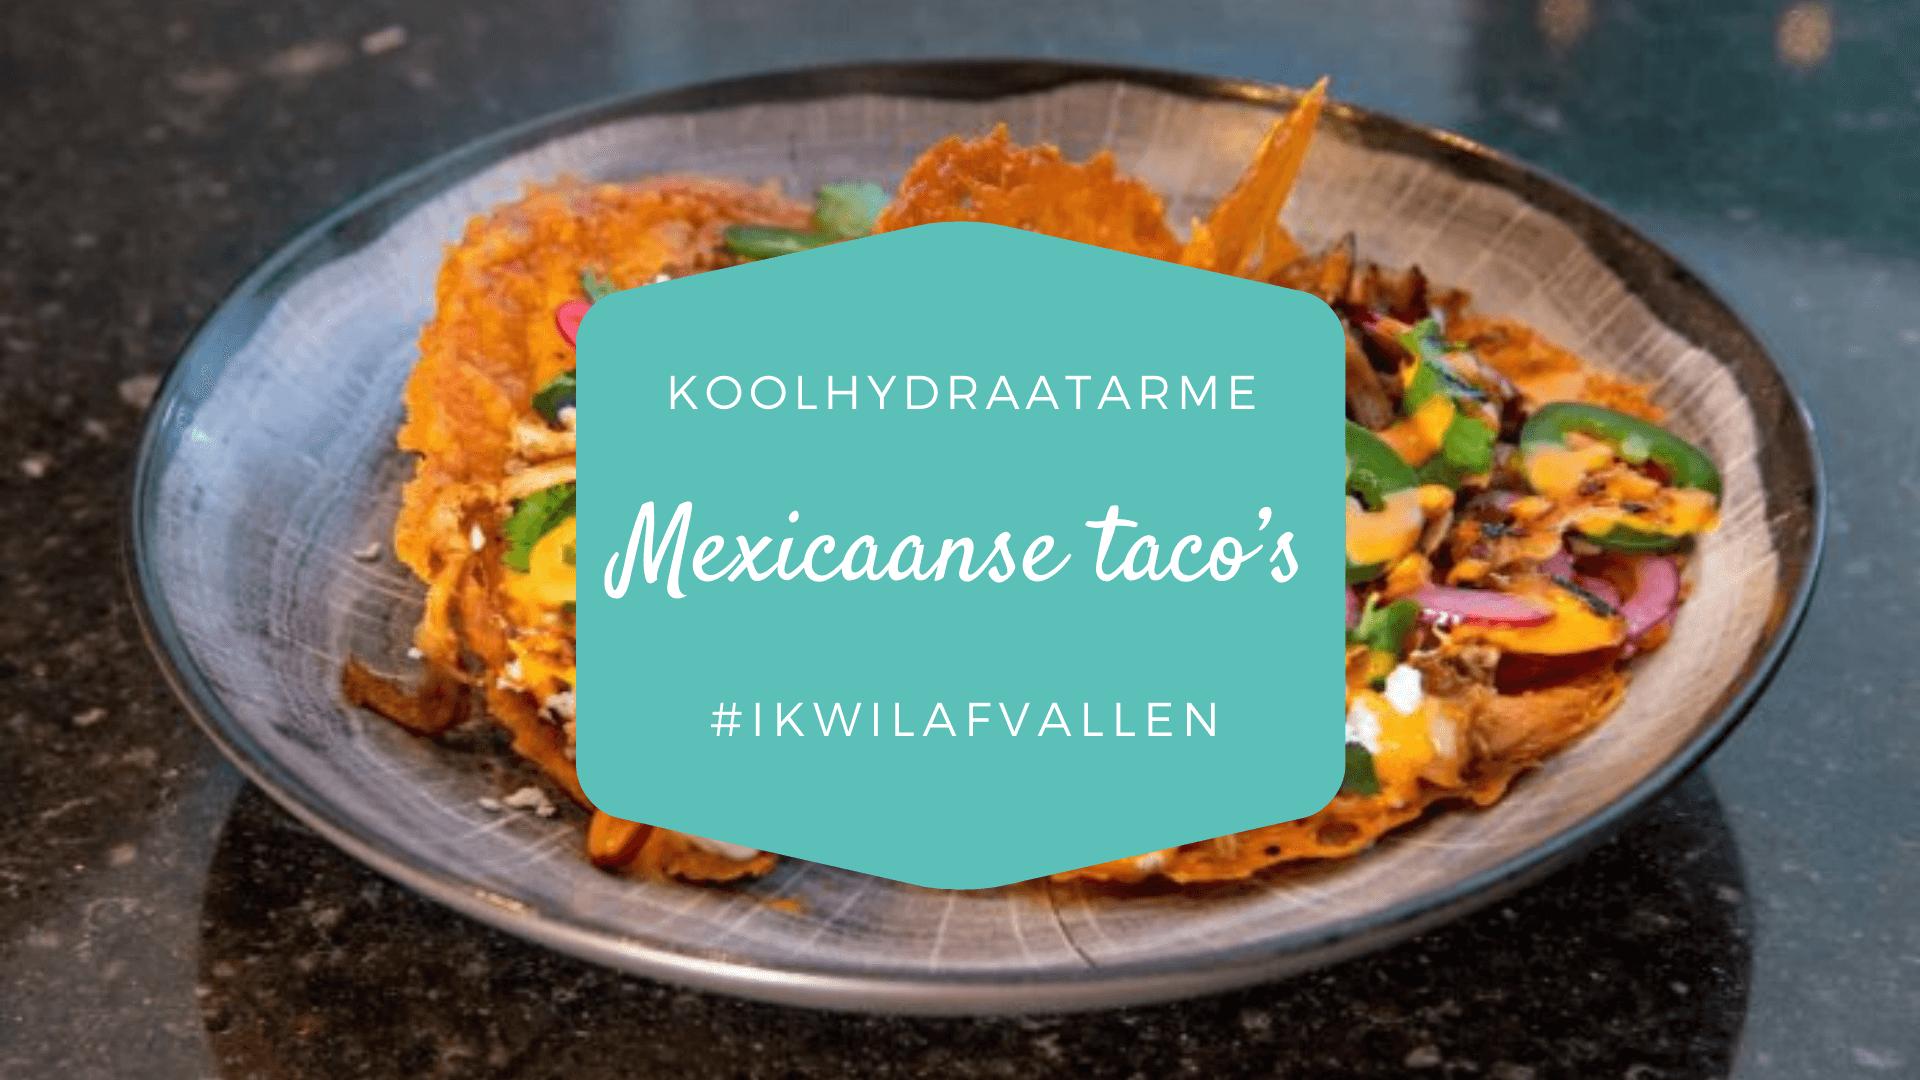 Koolhydraatarme Mexicaanse taco's